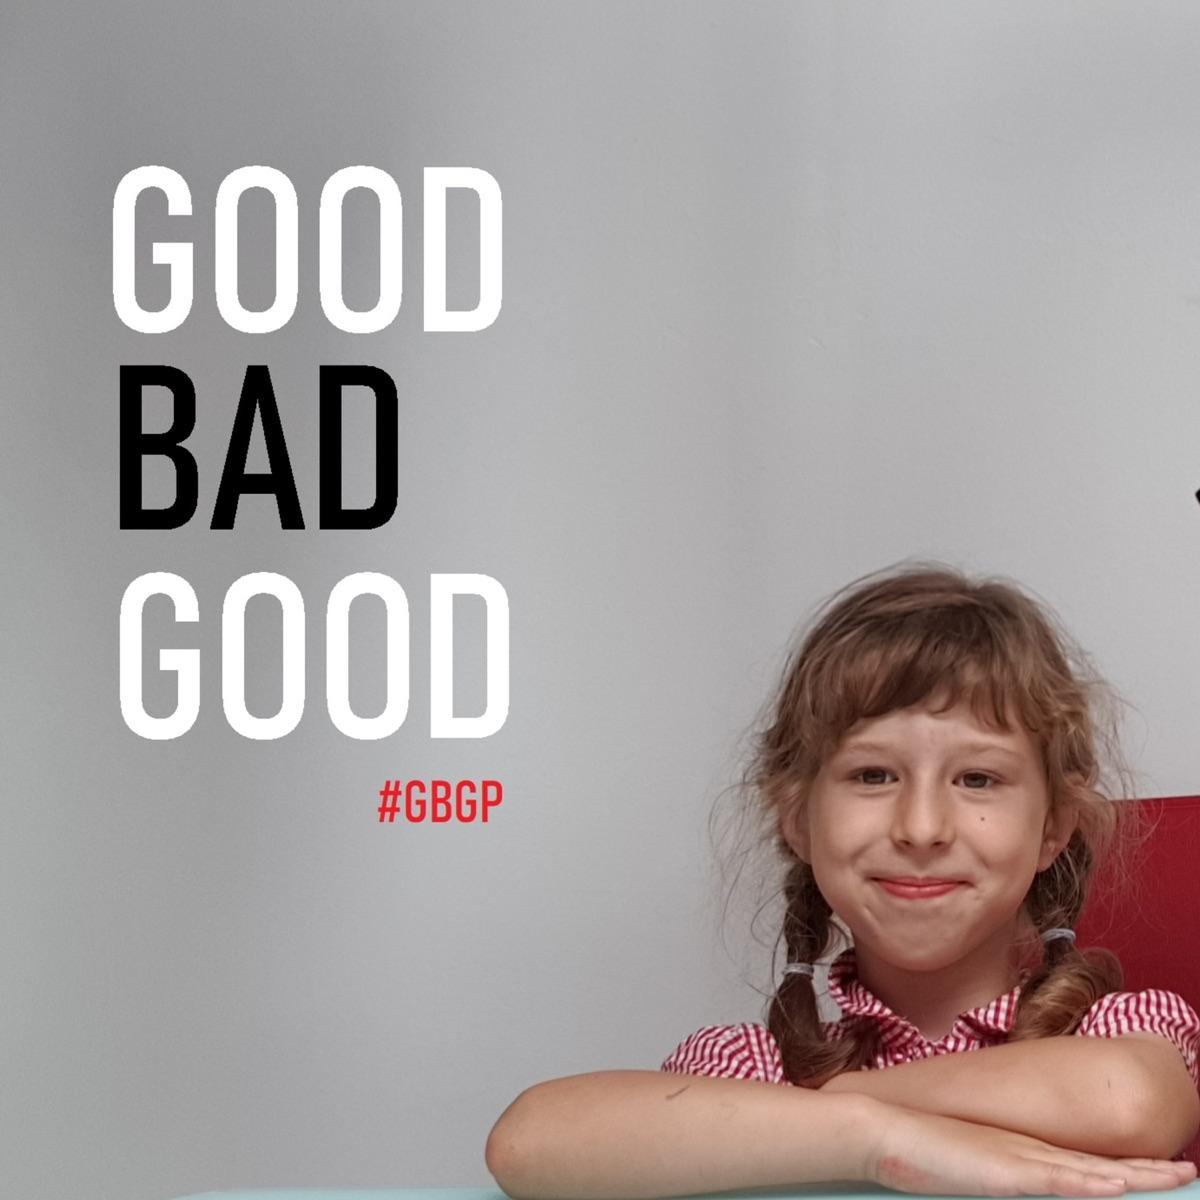 GOOD BAD GOOD